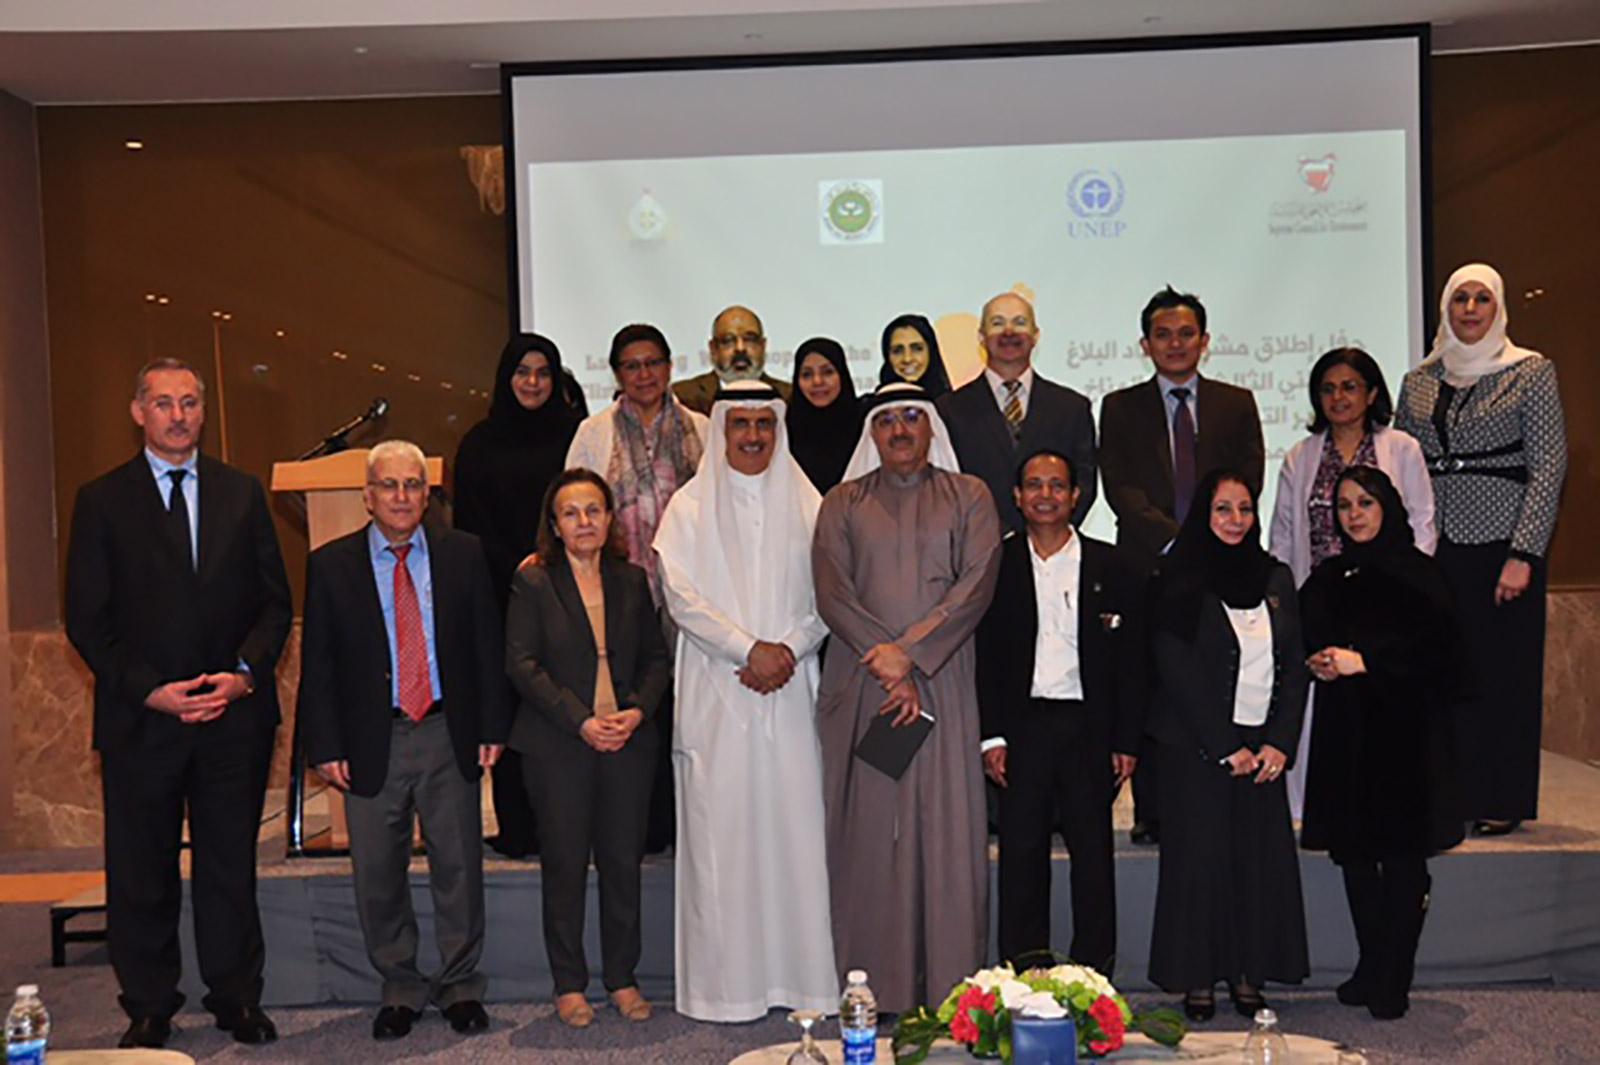 فريق جامعة الخليج العربي المشارك في مشروع إعداد البلاغ الوطني